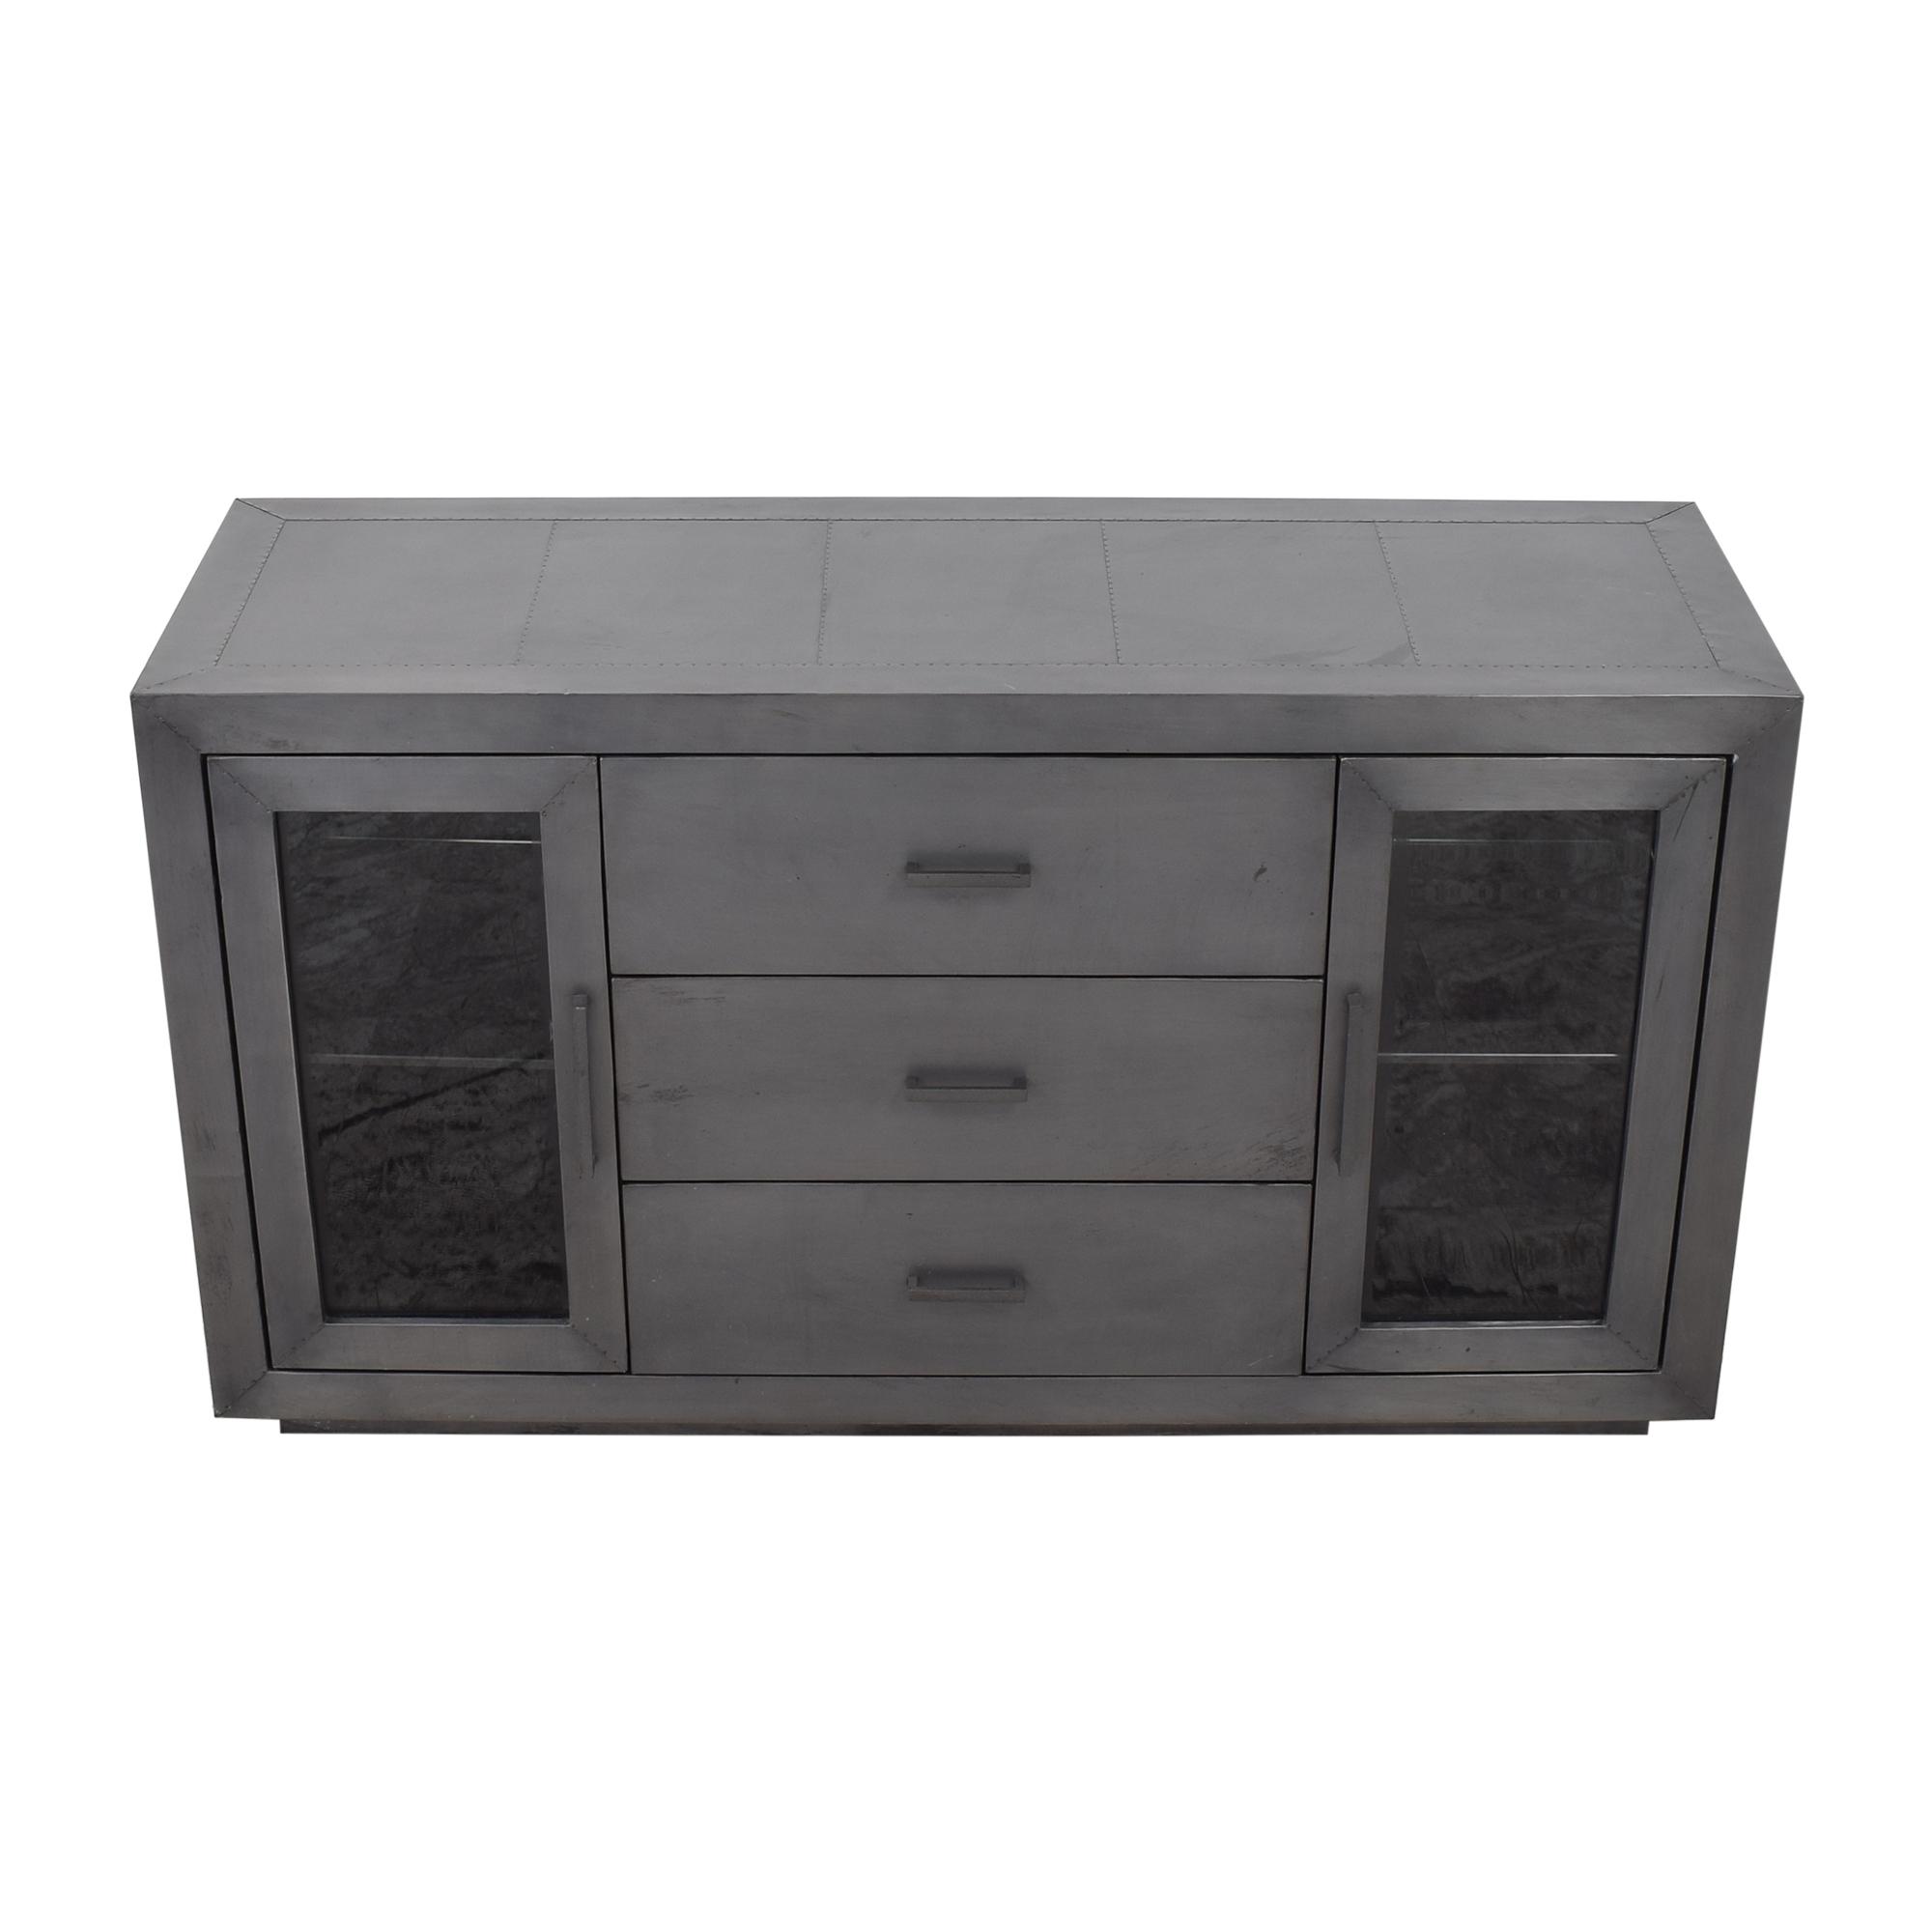 Restoration Hardware La Salle Sideboard / Cabinets & Sideboards